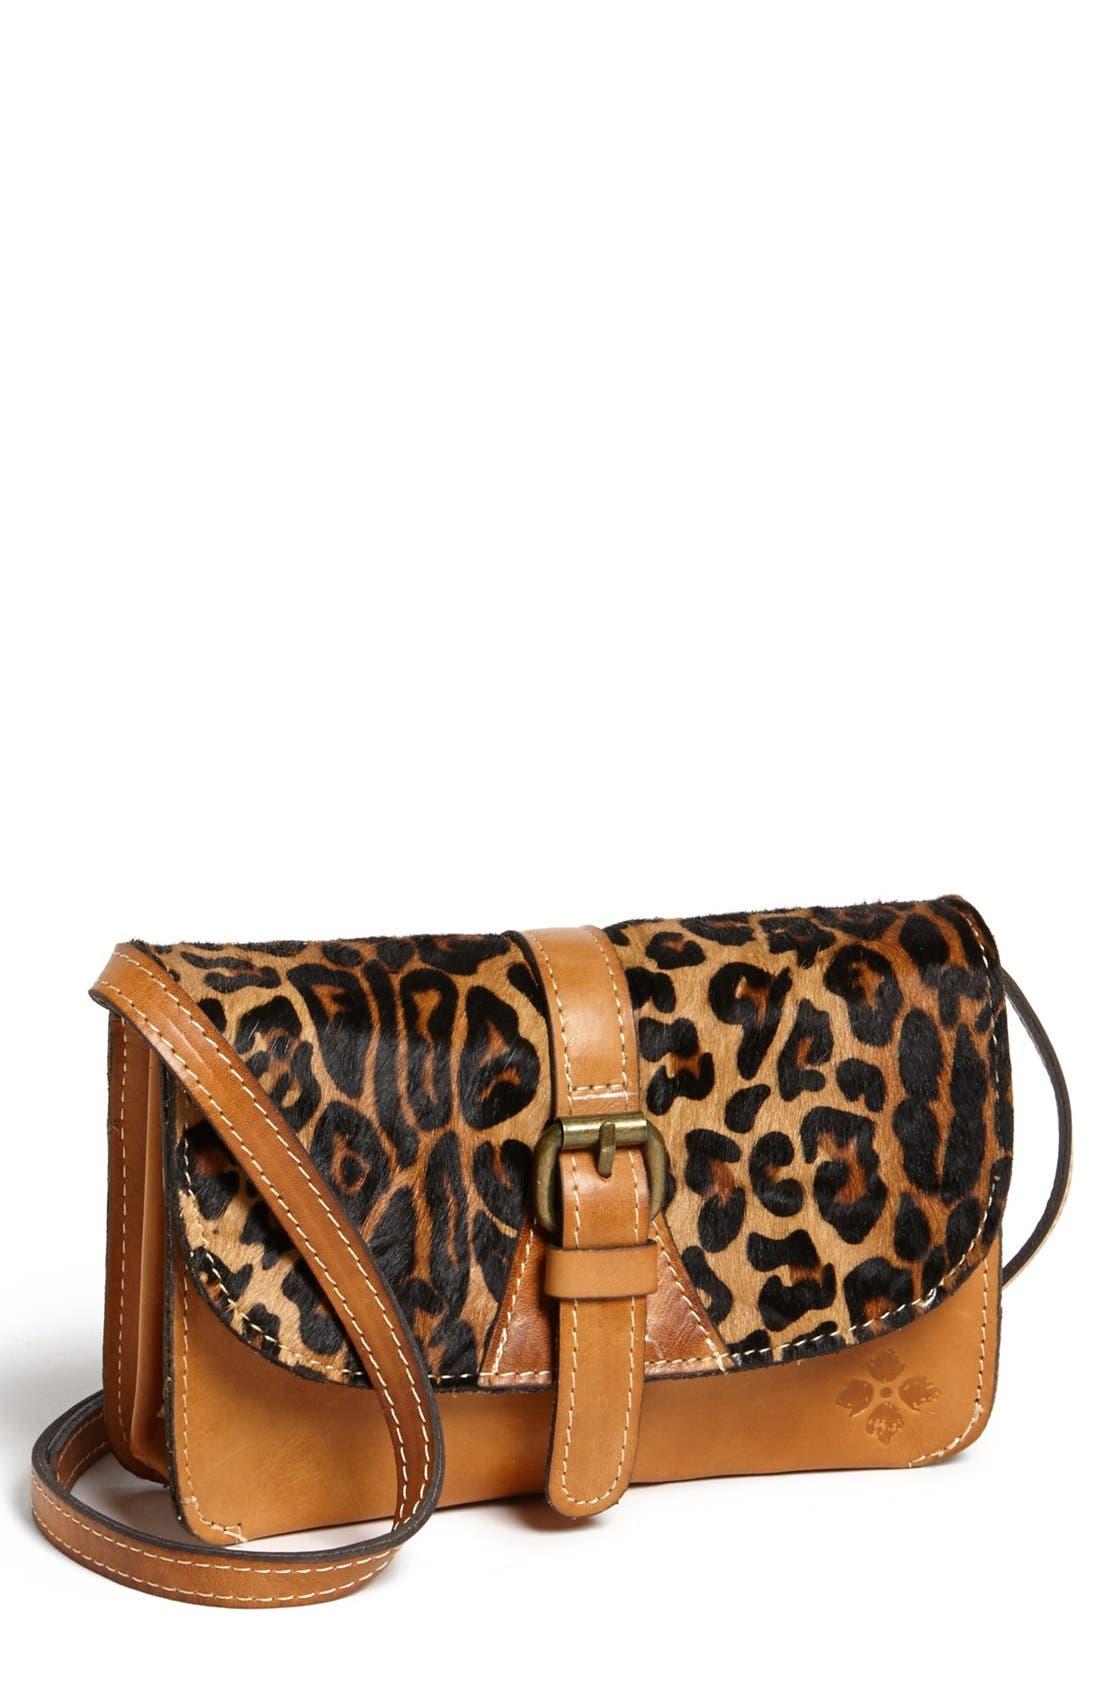 Alternate Image 1 Selected - Patricia Nash 'Torri' Crossbody Bag